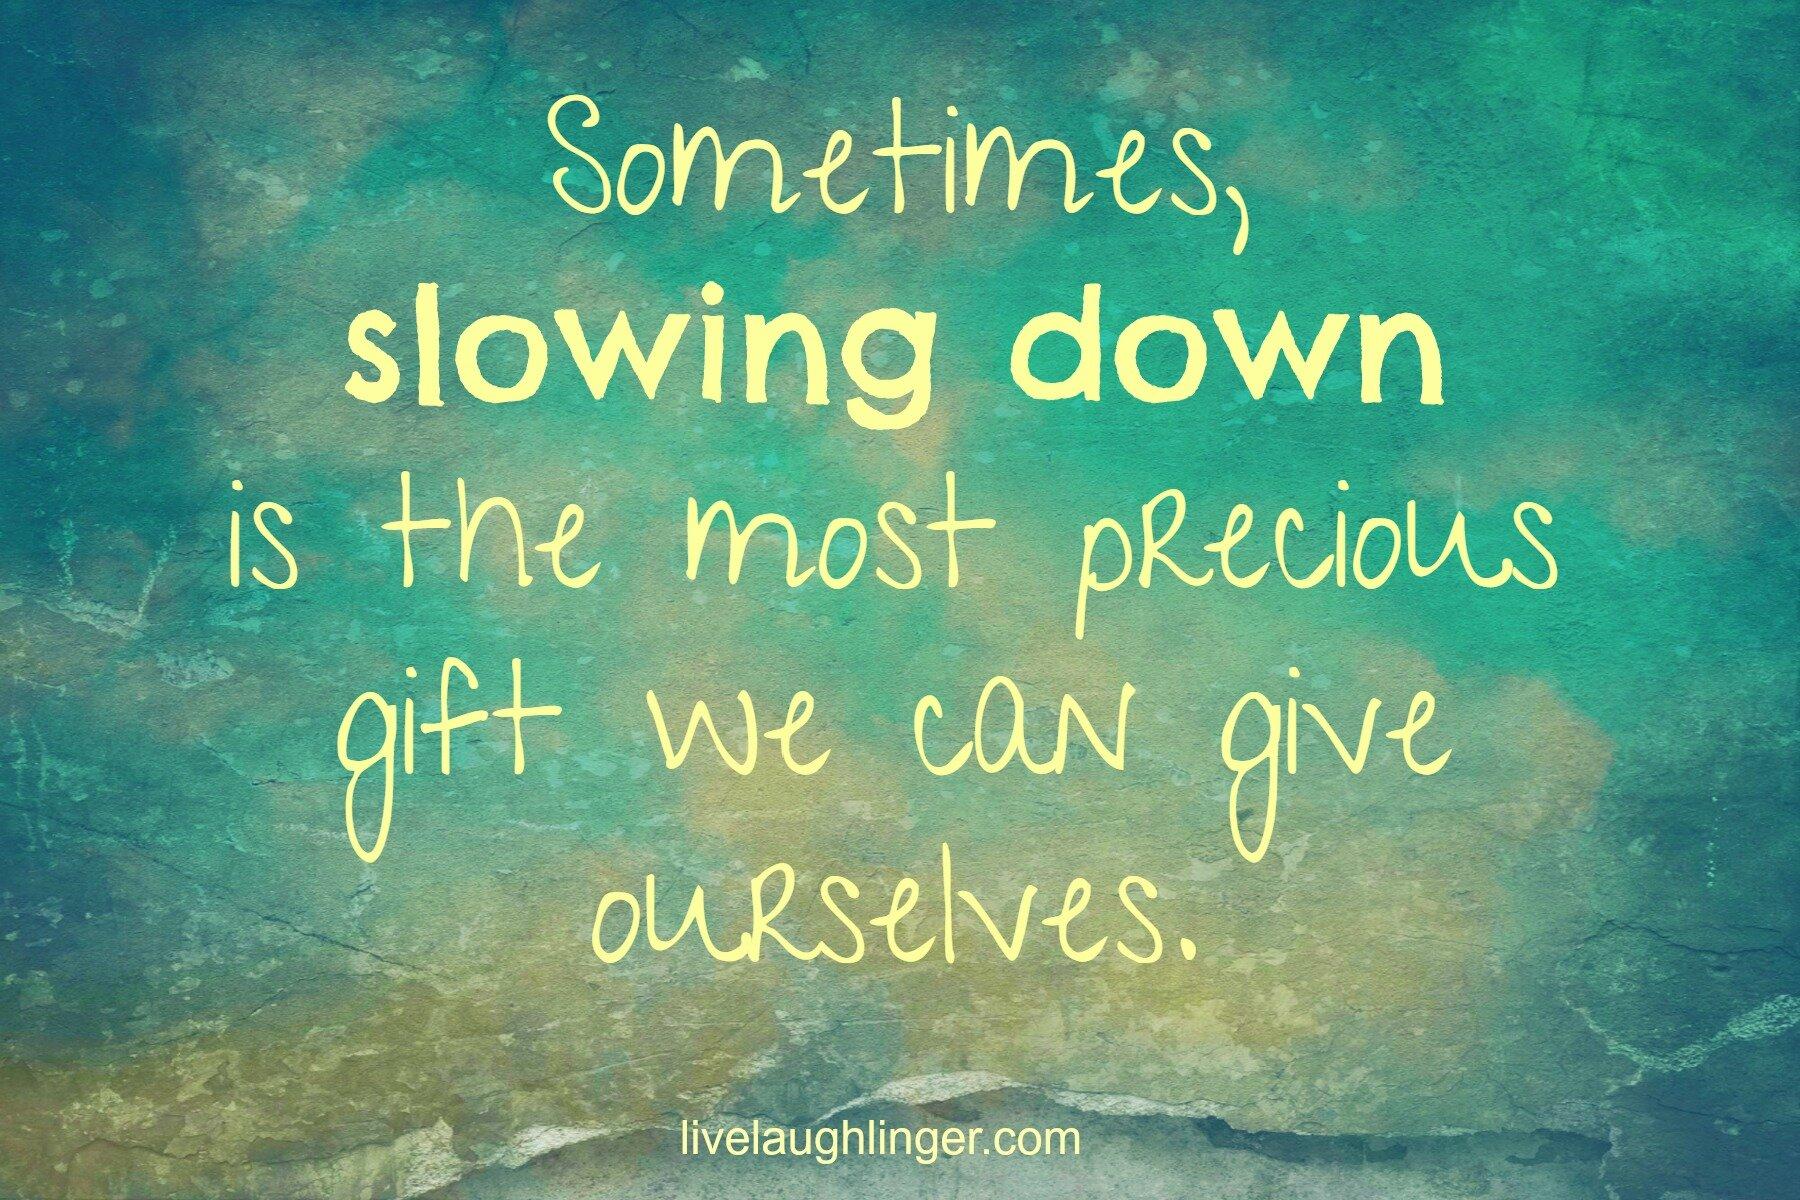 slowing-down-gift.jpg